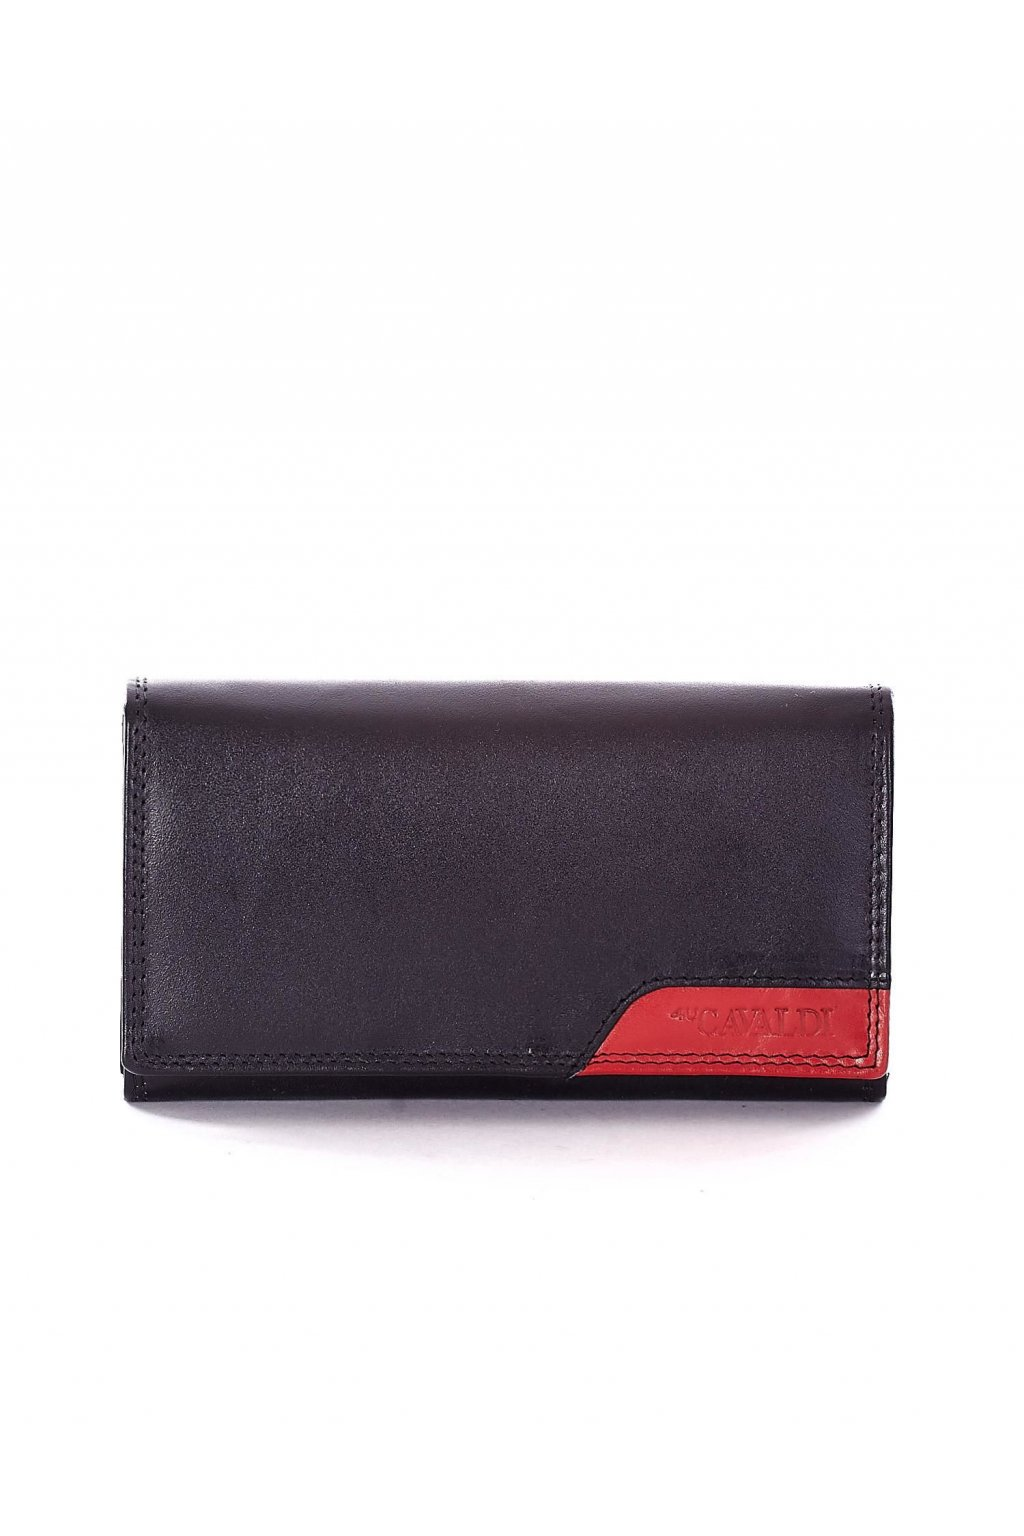 Peňaženka kód CE-PR-RD-08-CMN.85